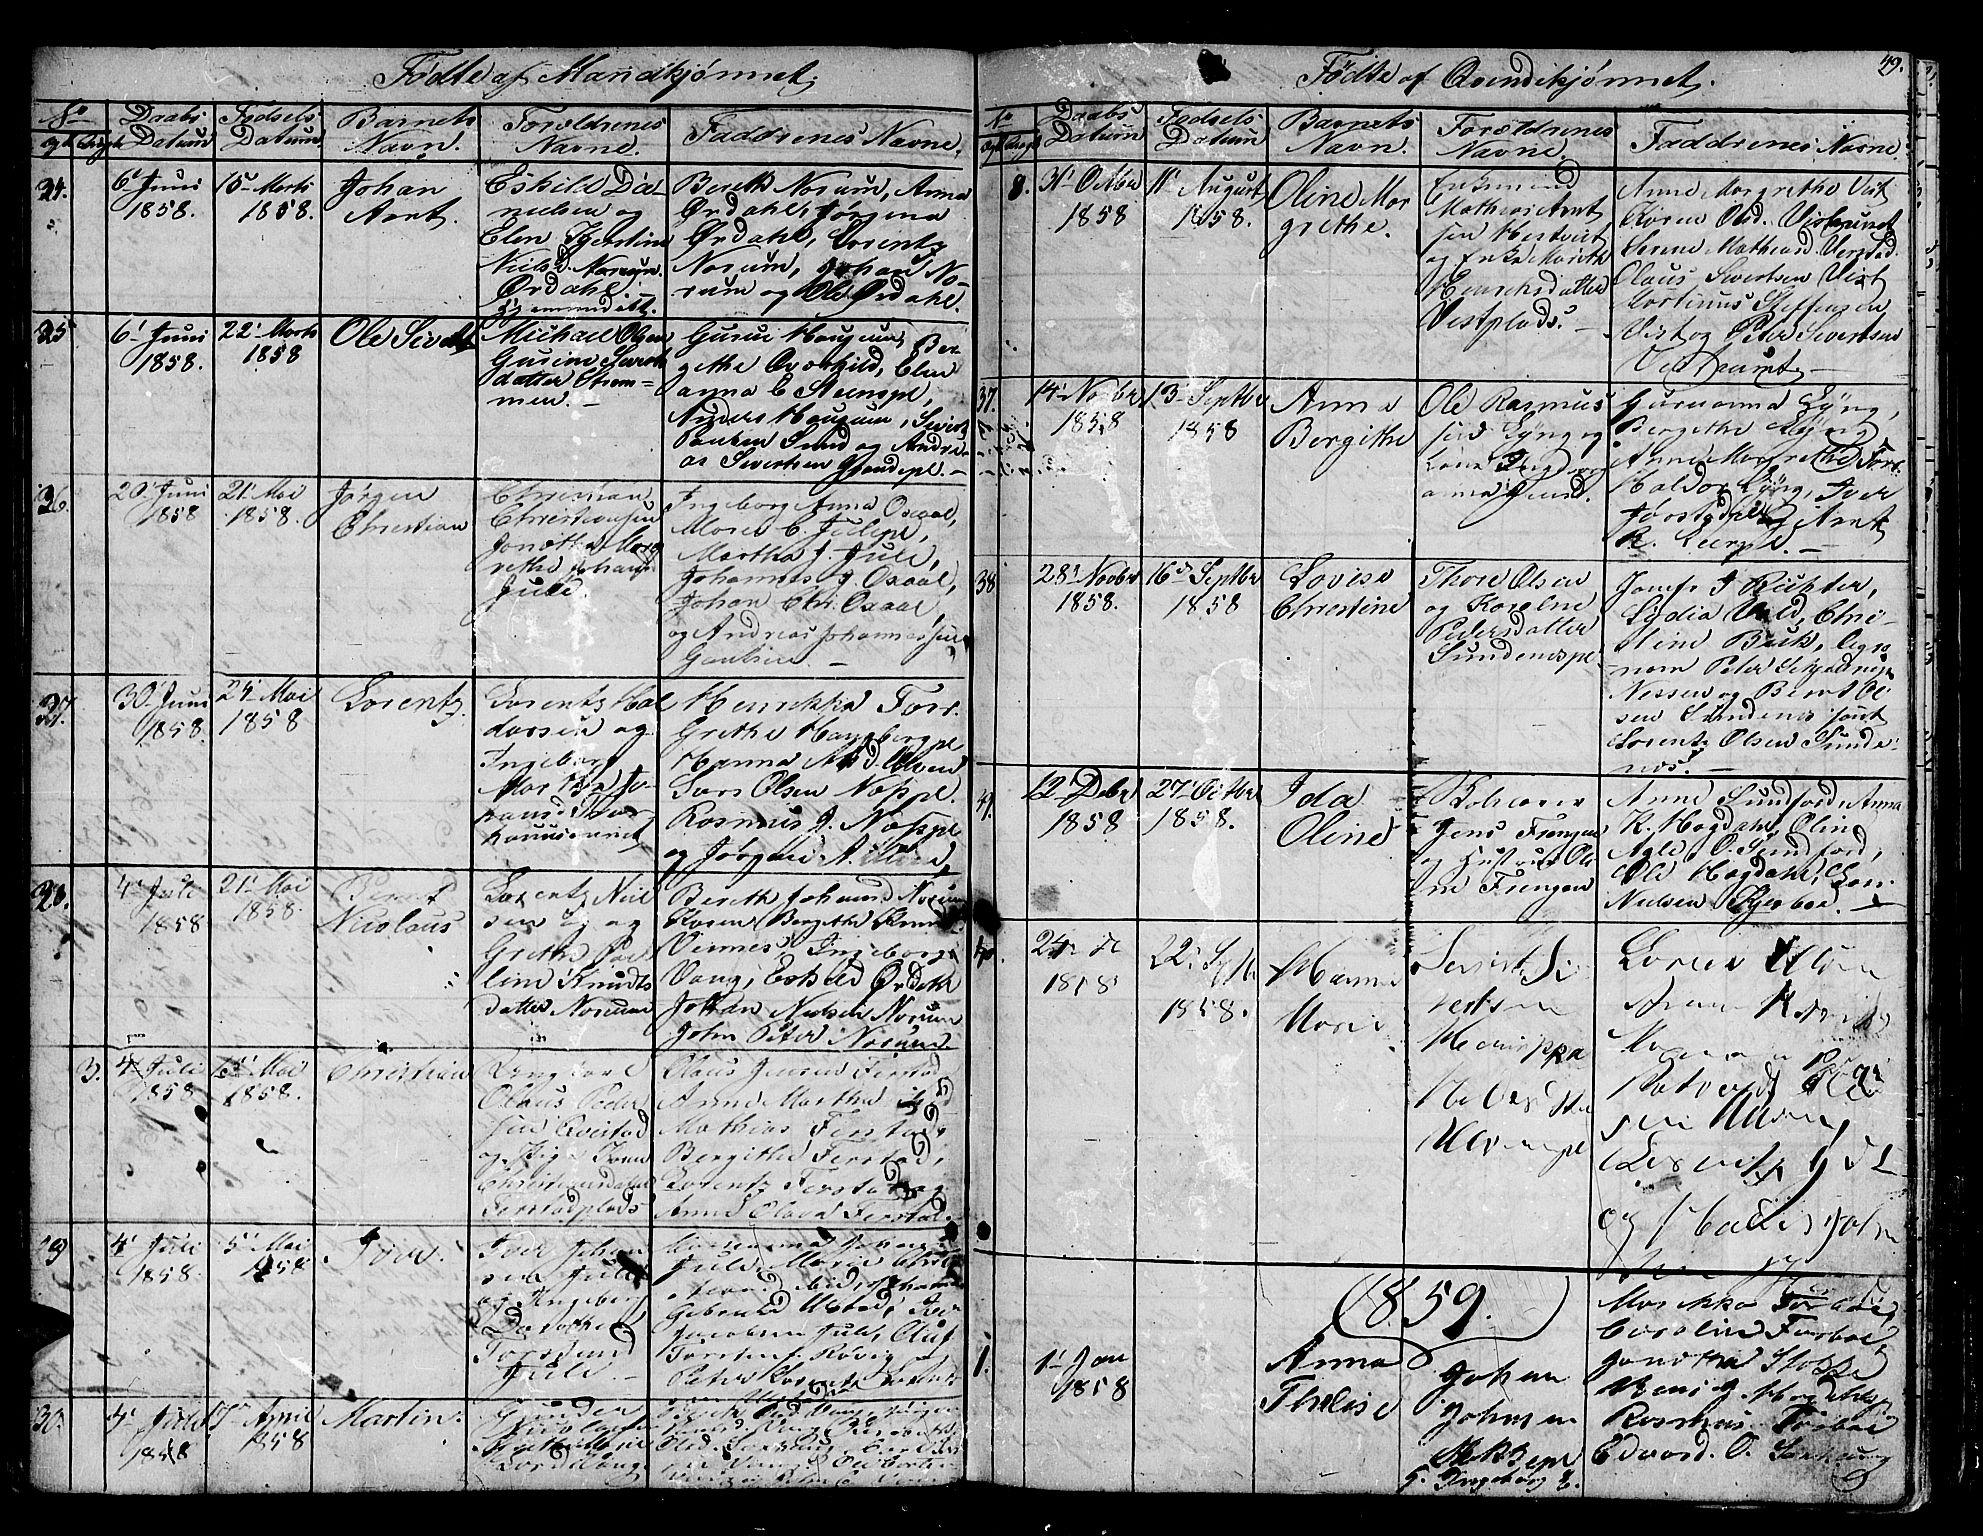 SAT, Ministerialprotokoller, klokkerbøker og fødselsregistre - Nord-Trøndelag, 730/L0299: Klokkerbok nr. 730C02, 1849-1871, s. 49